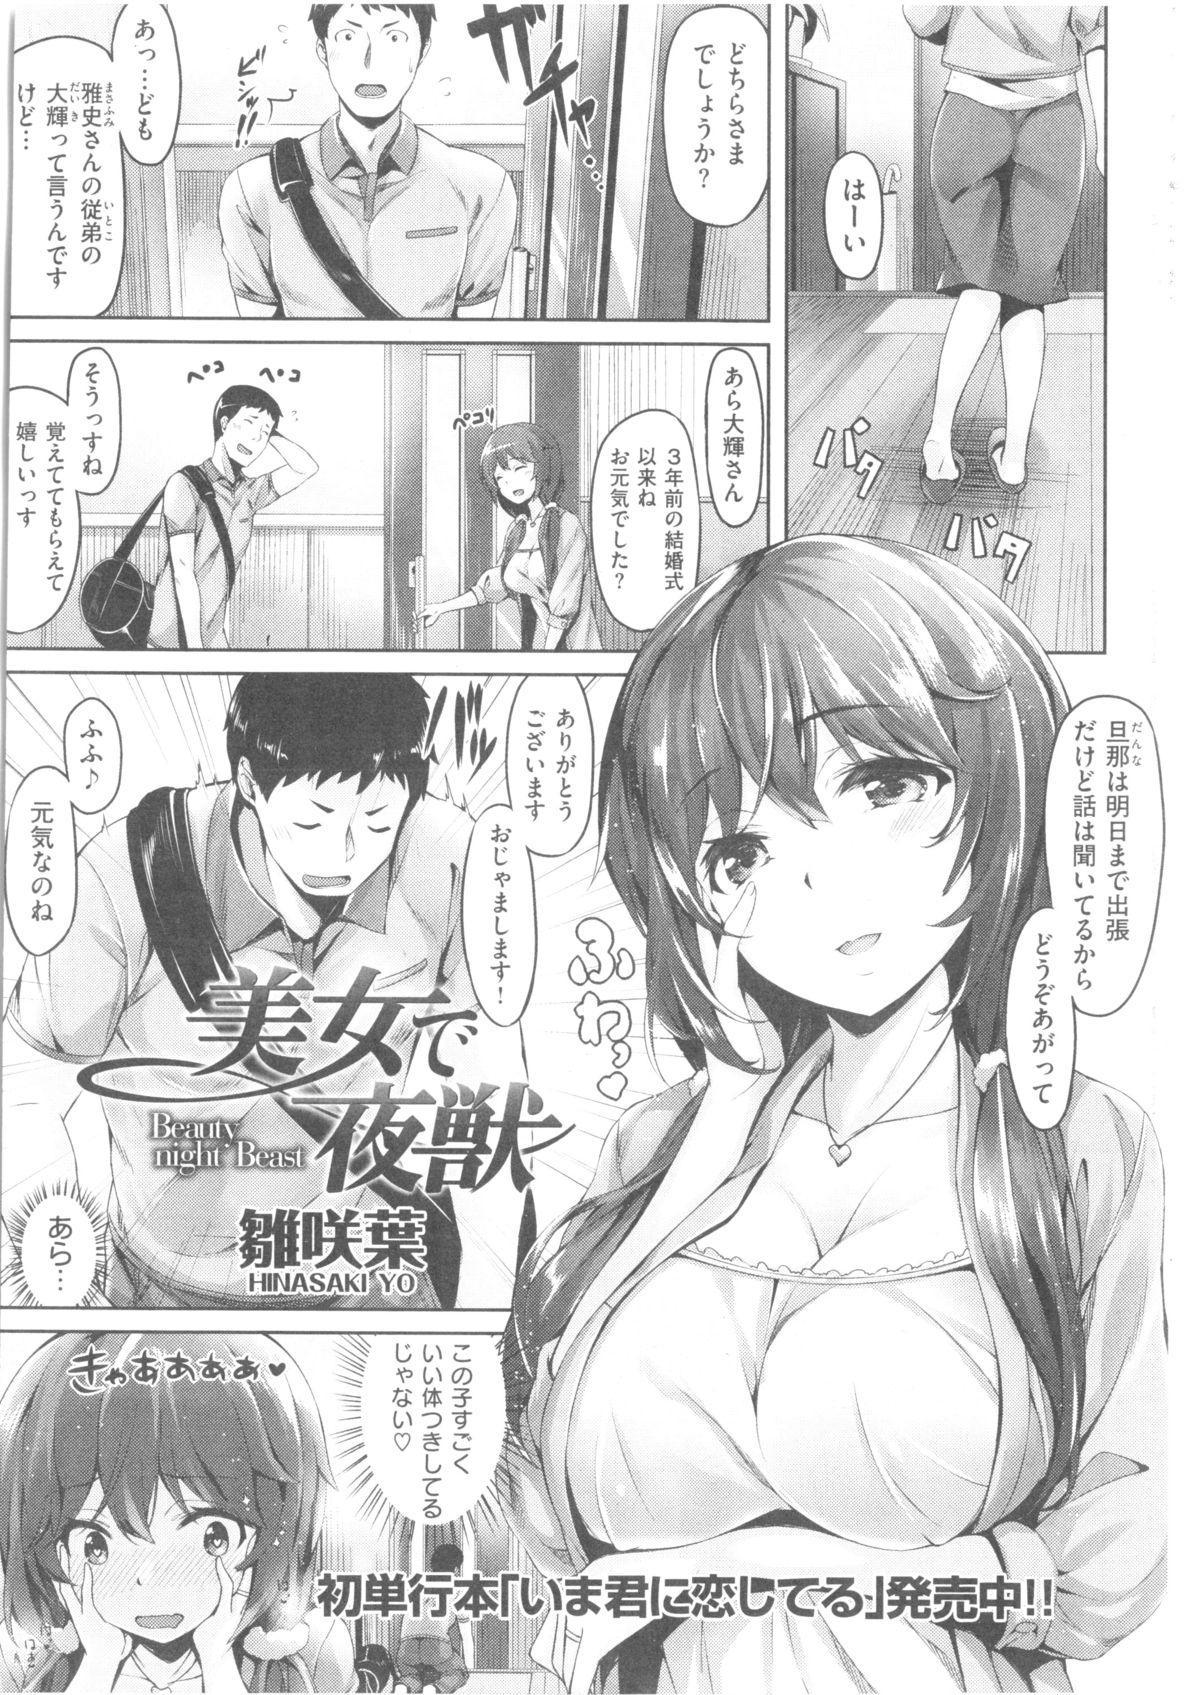 COMIC Kairakuten BEAST 2014-05 52